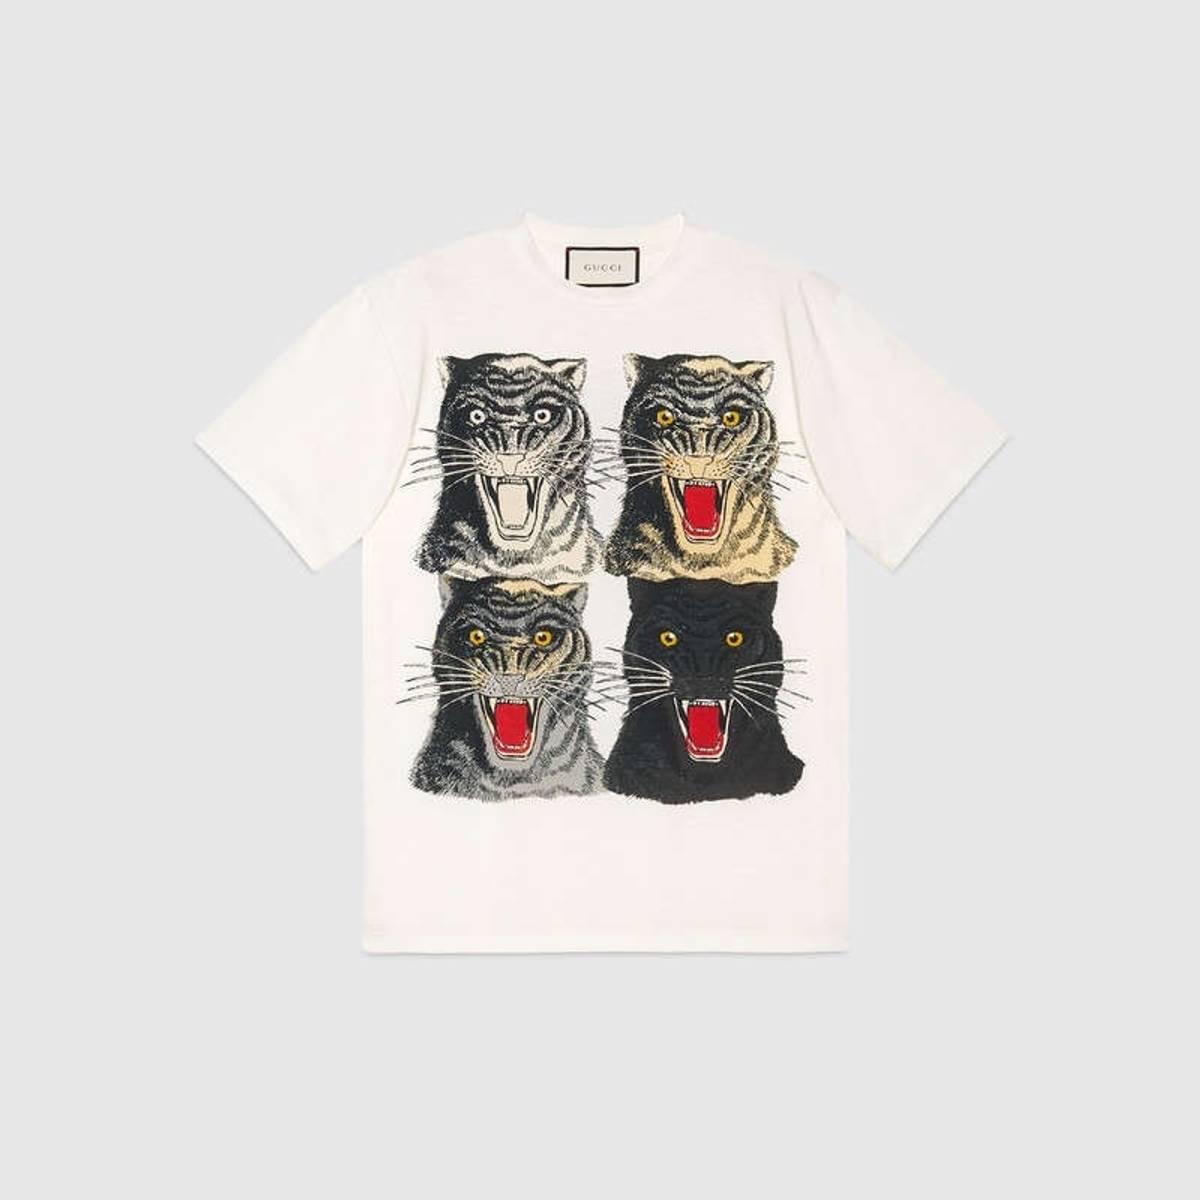 c242075b7 Gucci ×. Gucci Tiger Face Tshirt. Size: US M / EU 48-50 / 2